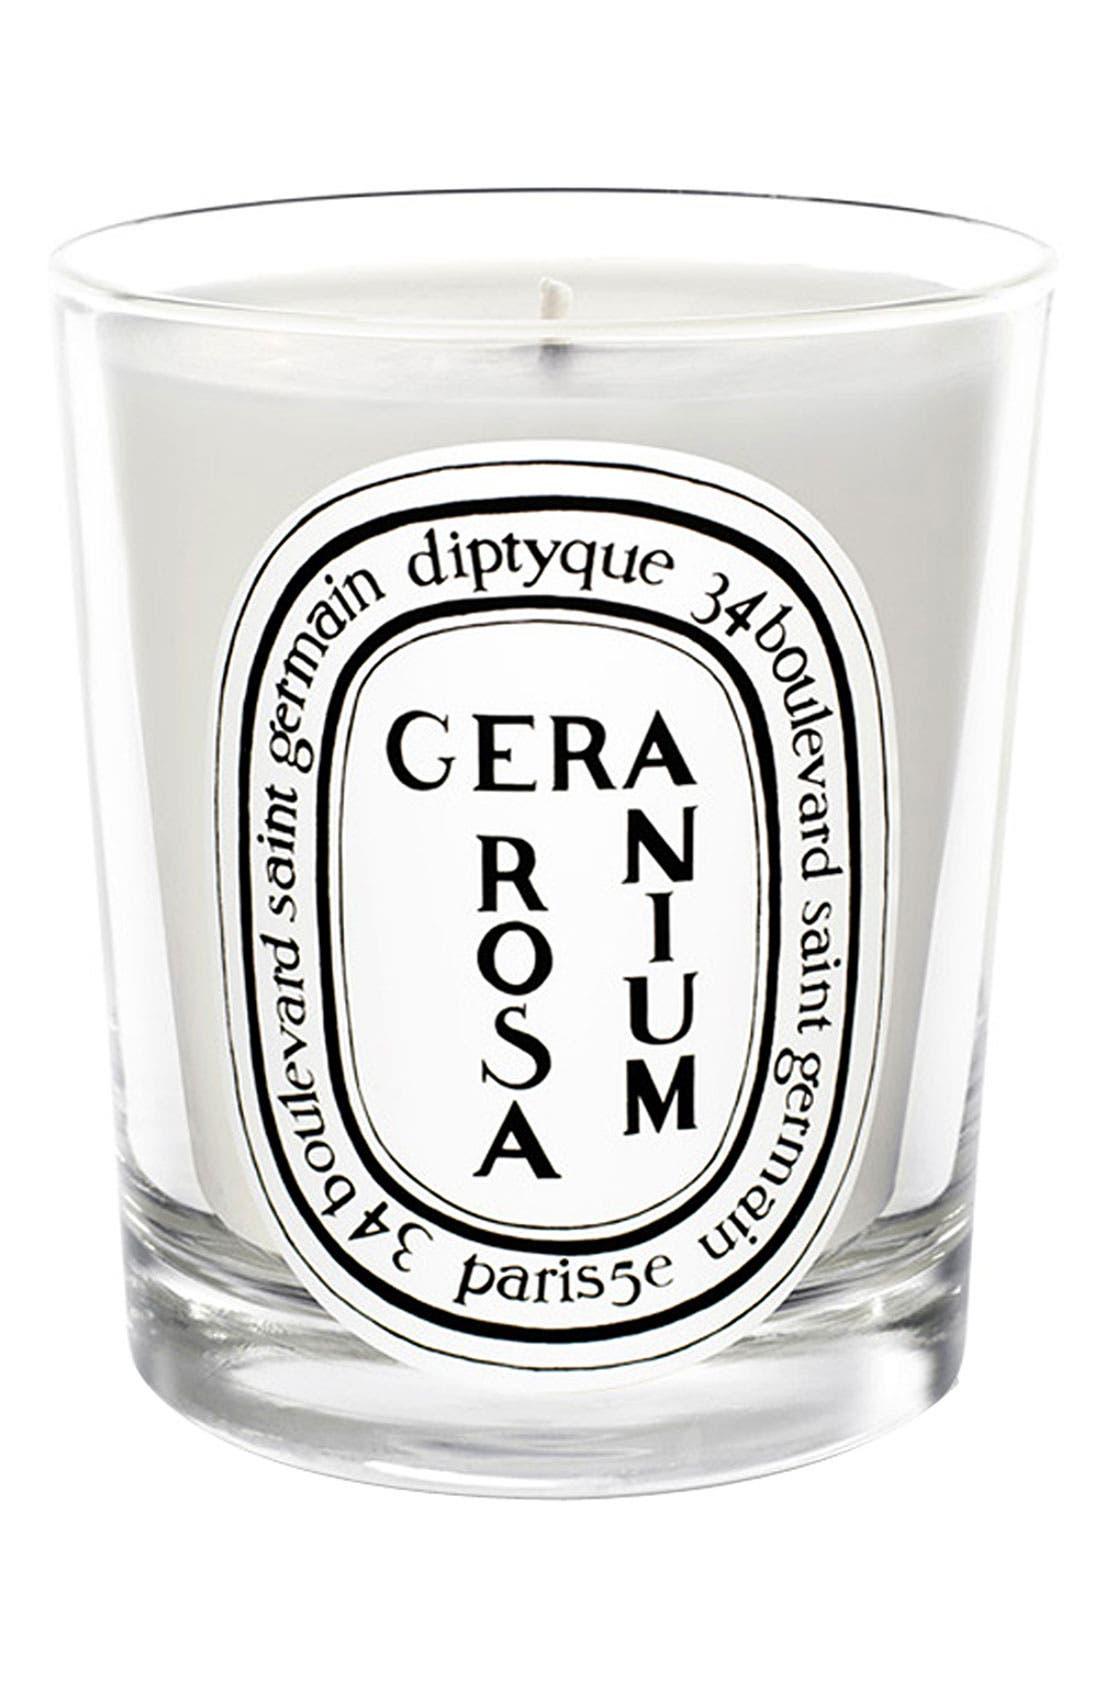 Alternate Image 1 Selected - diptyque Geranium Rosa/Rose Geranium Scented Candle